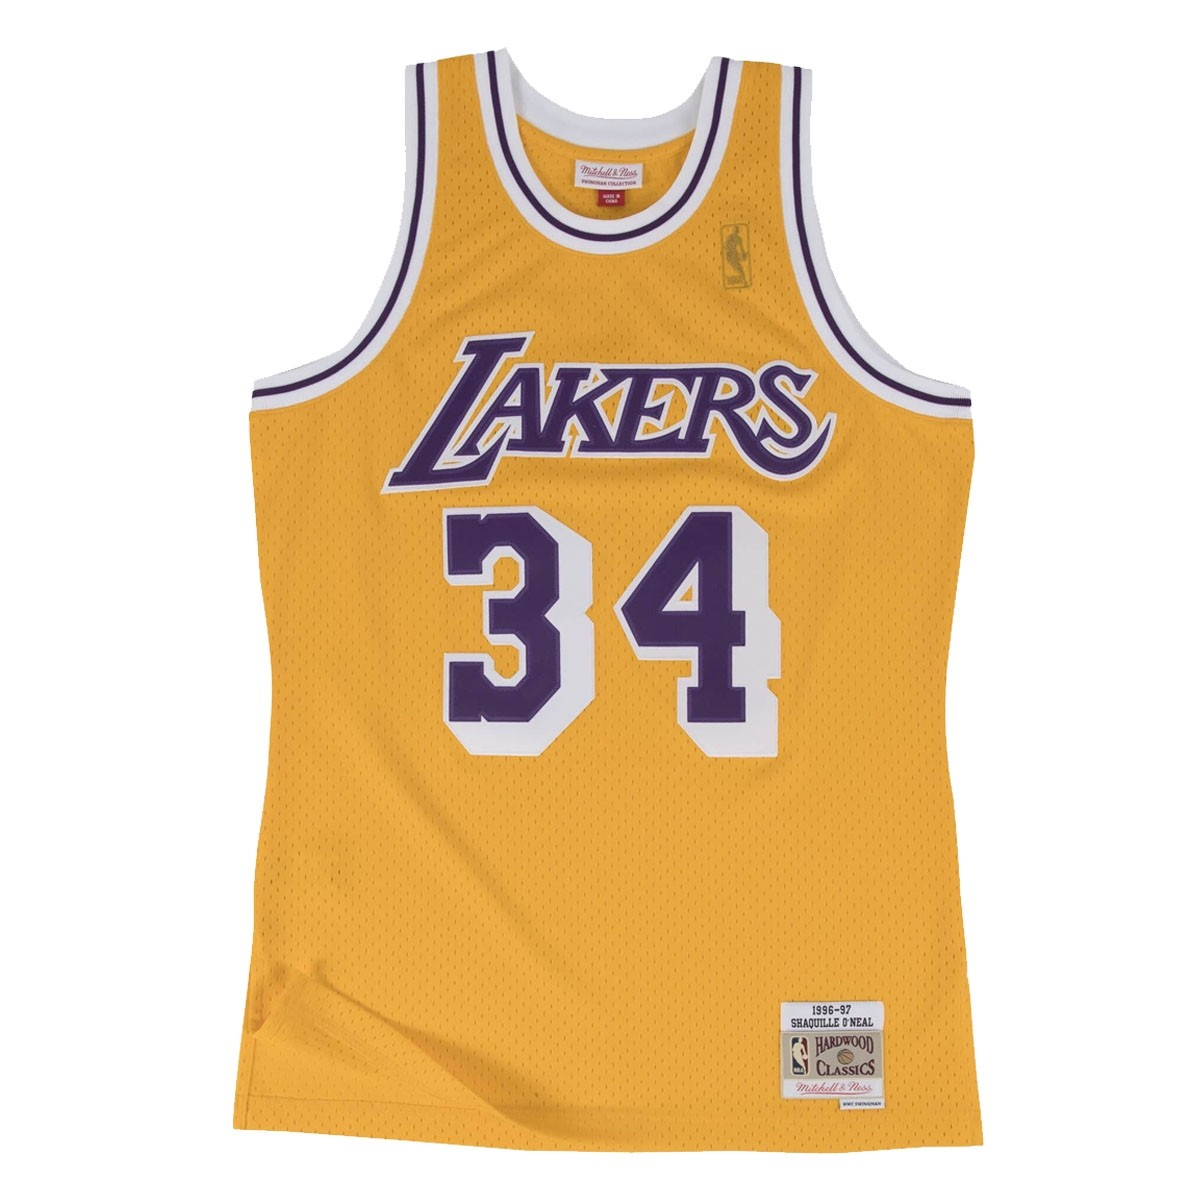 Mitchell & Ness O'Neal Swingman Jersey Away 'Lakers'